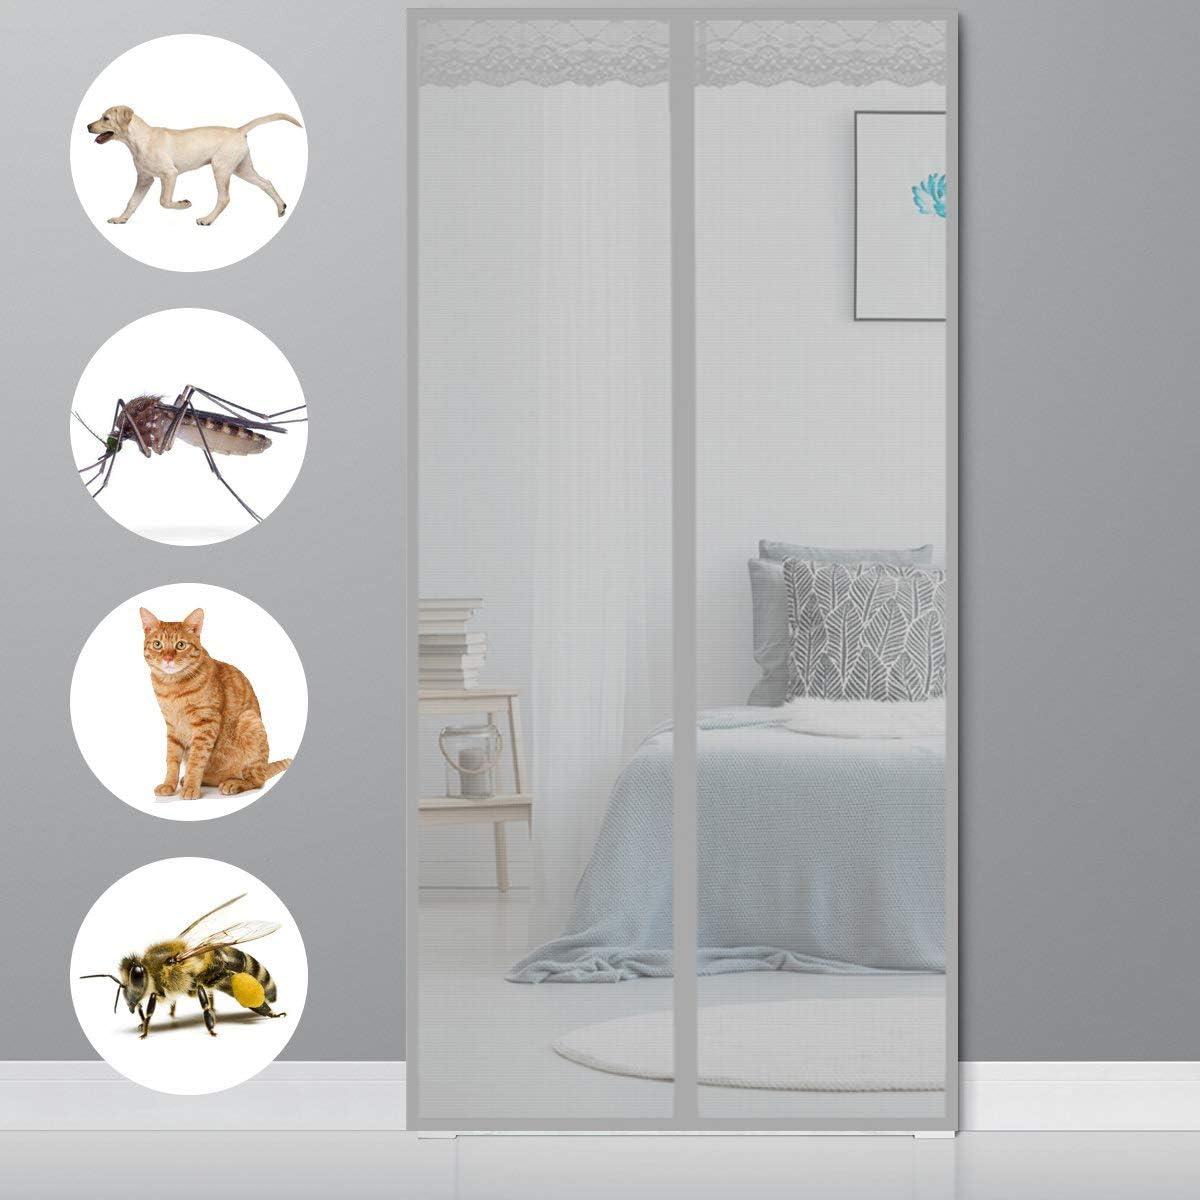 Grau 100x215cm Magnetvorhang T/ür Insektenschutz Fliegenvorhang H/äNde Frei f/ür Balkont/ür Terrassent/ür Wohnzimmer Magnet Fliegengitter T/ür Balkont/ür